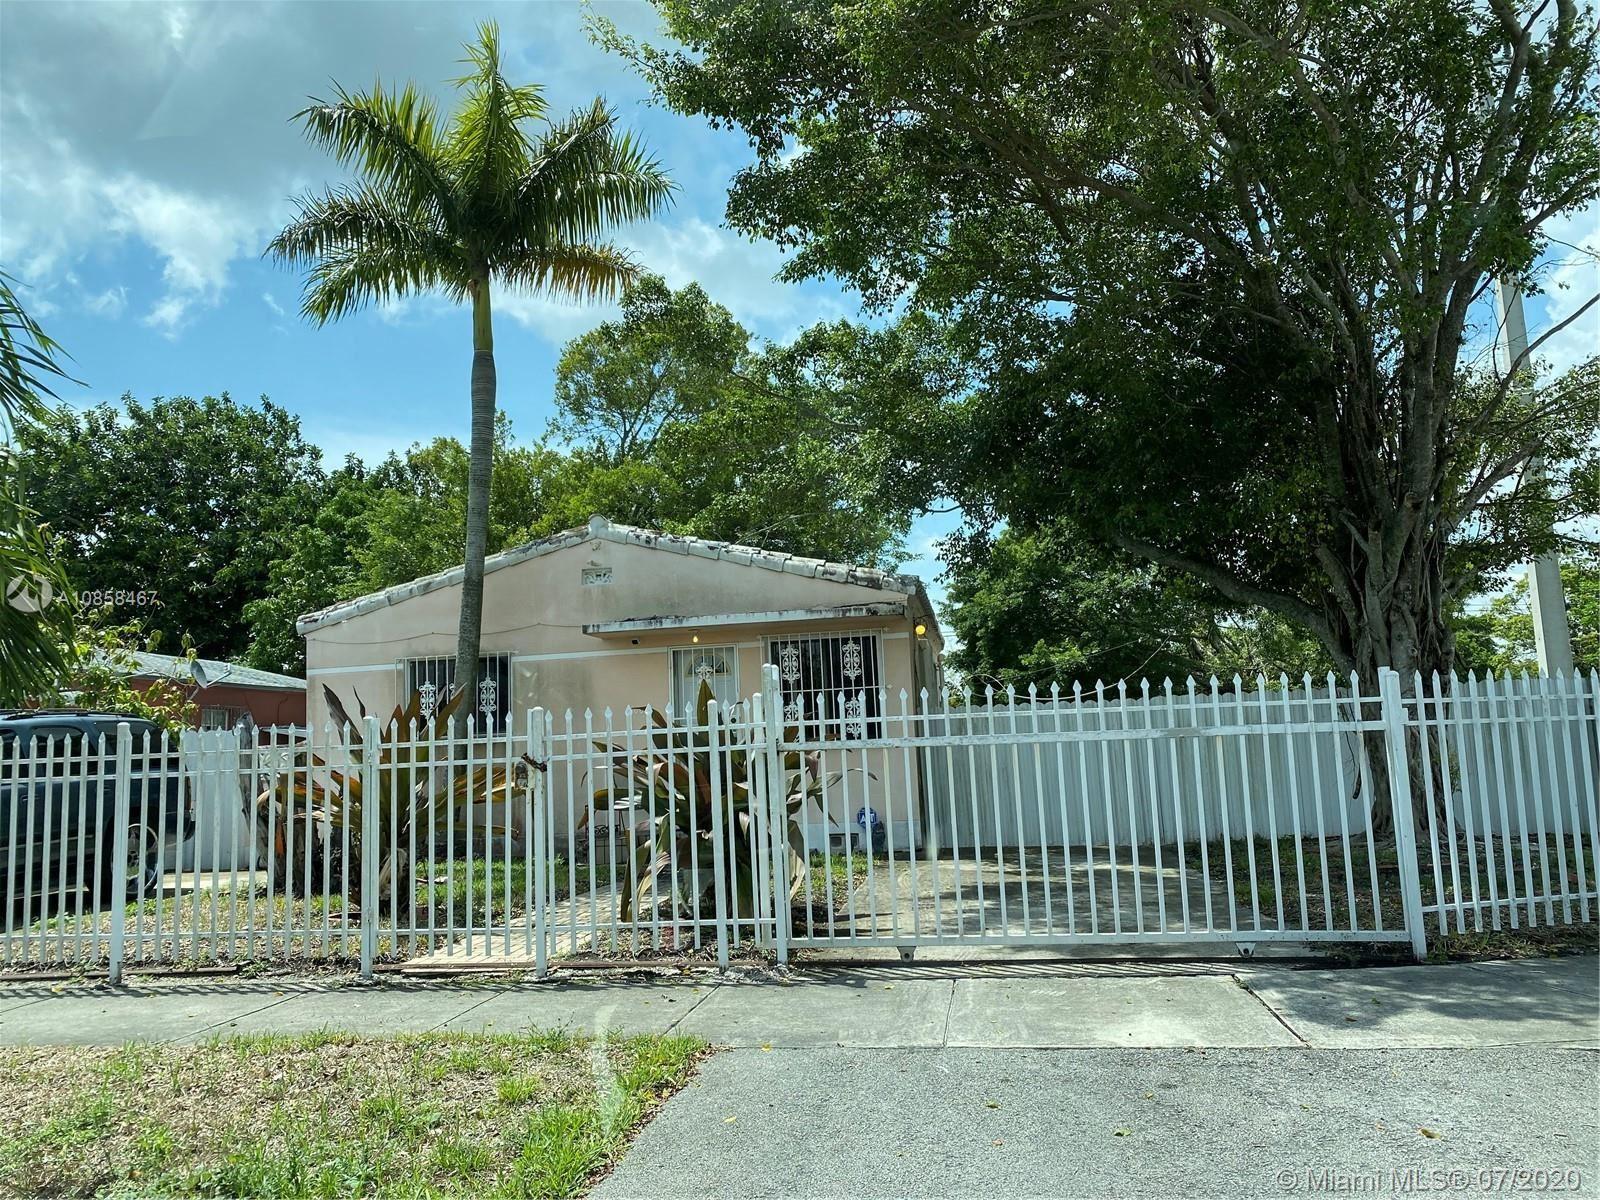 1000 Burlington St, Opa Locka, FL 33054 - #: A10858467